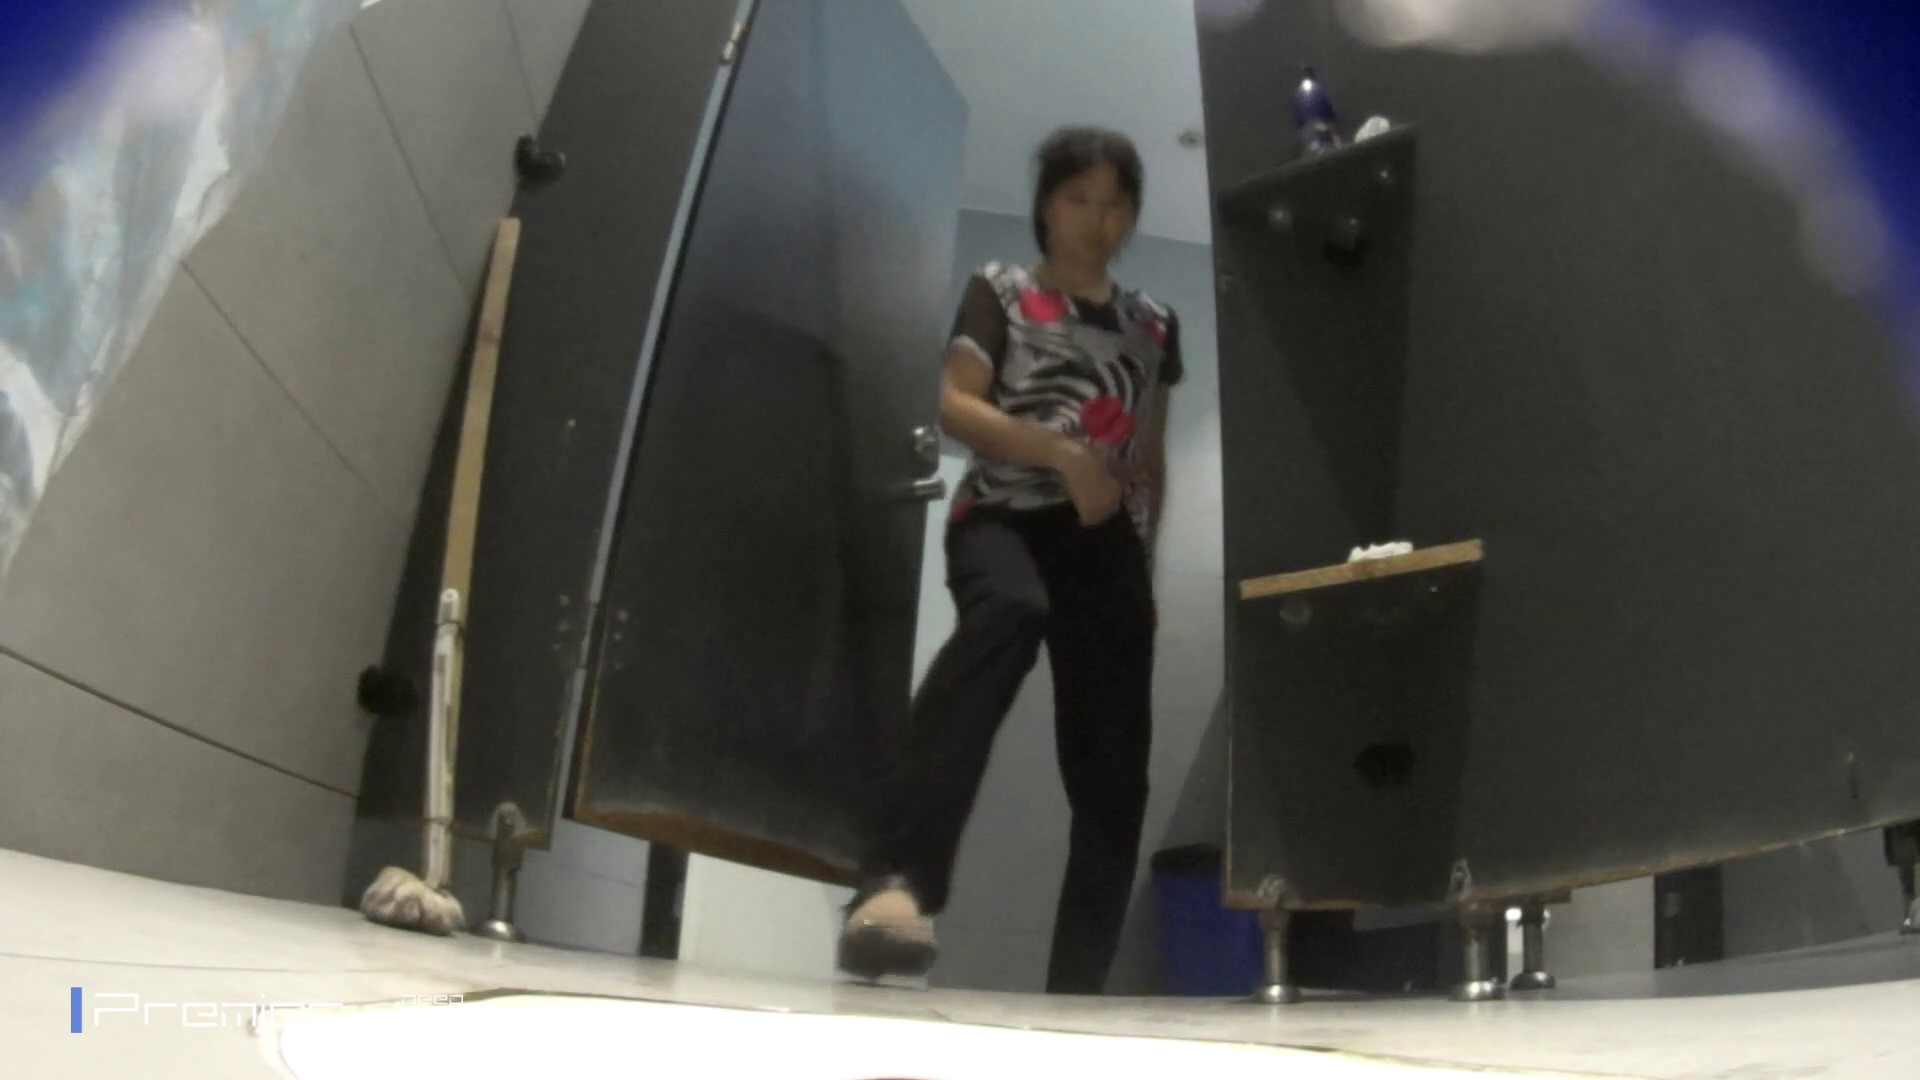 ショートカット黒髪お女市さん 大学休憩時間の洗面所事情61 丸見え おまんこ動画流出 48画像 2